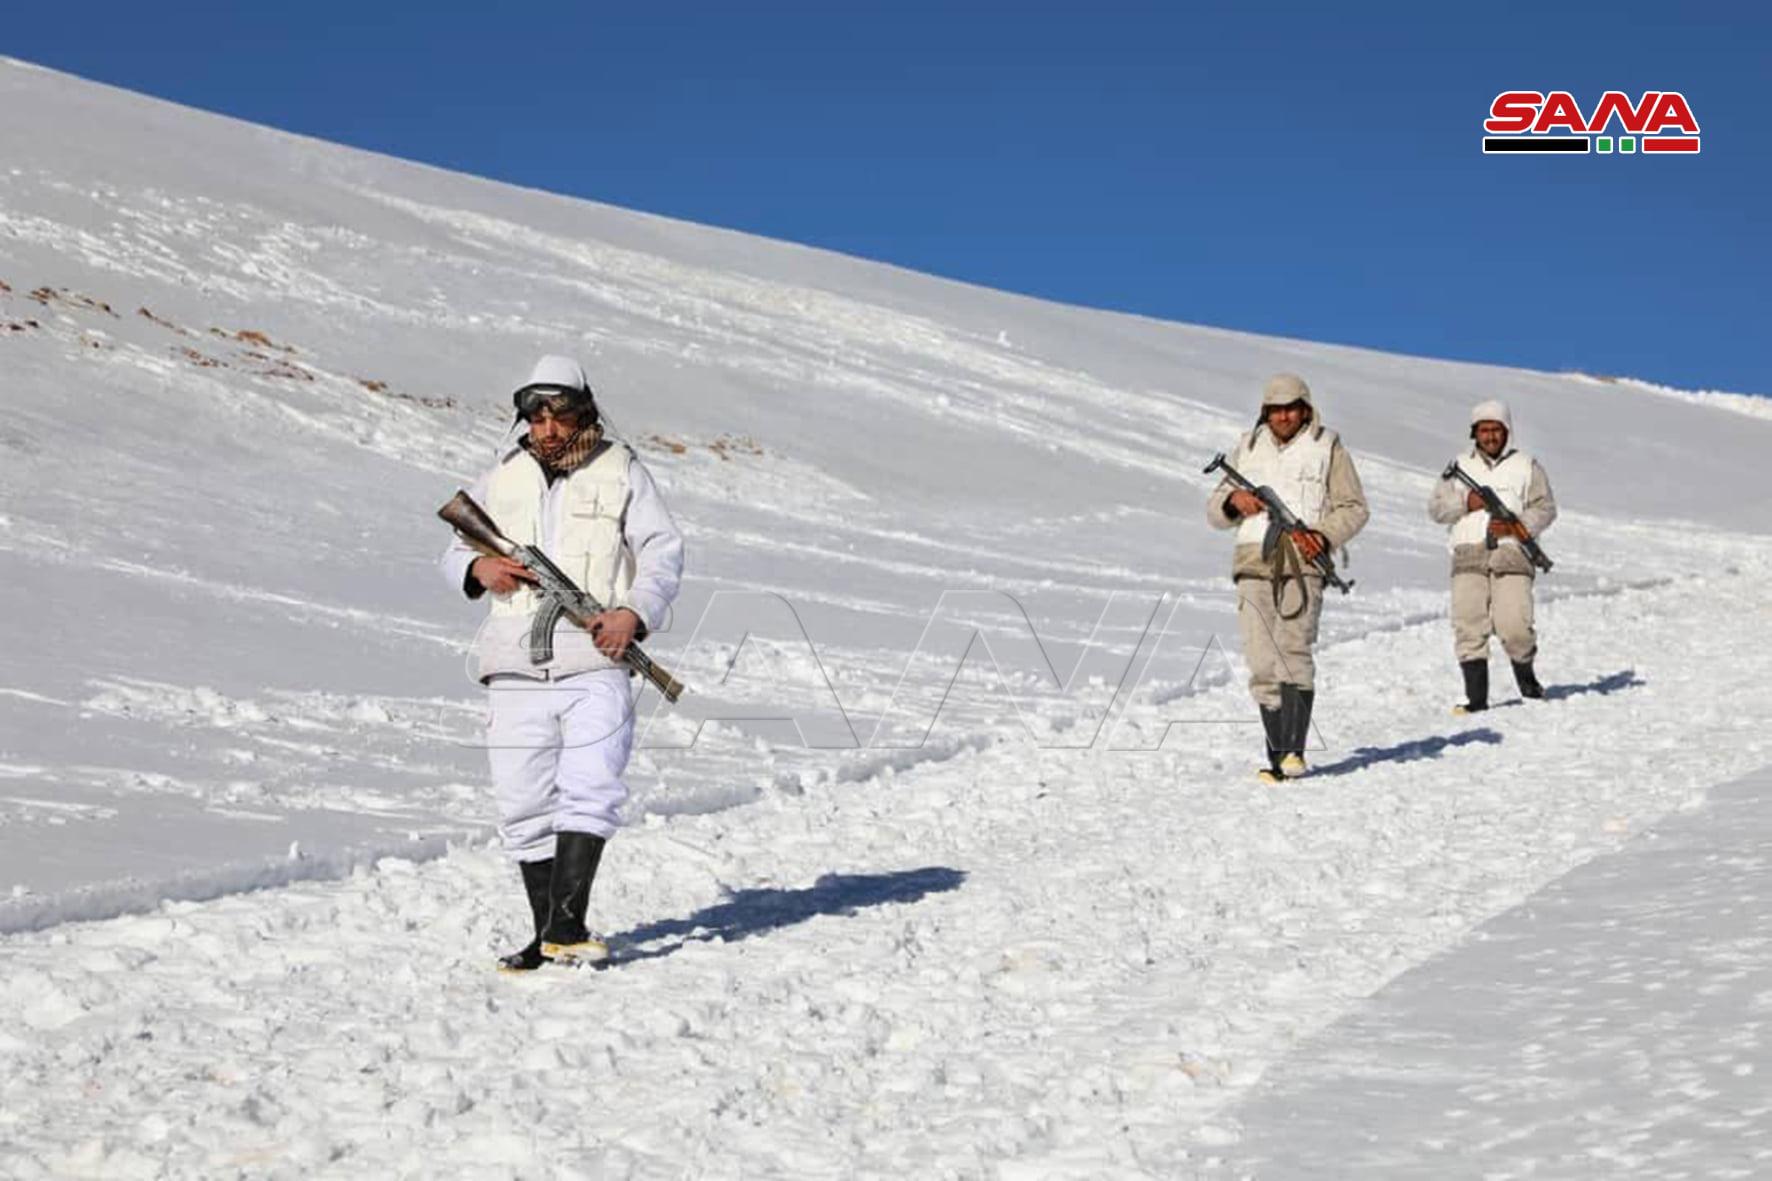 عناصر من قوات النظام السوري في جبل الشيخ عند مثلث الحدود اللبنانية- الفلسطينية- السورية 25 من كانون الثني 2021 (سانا)